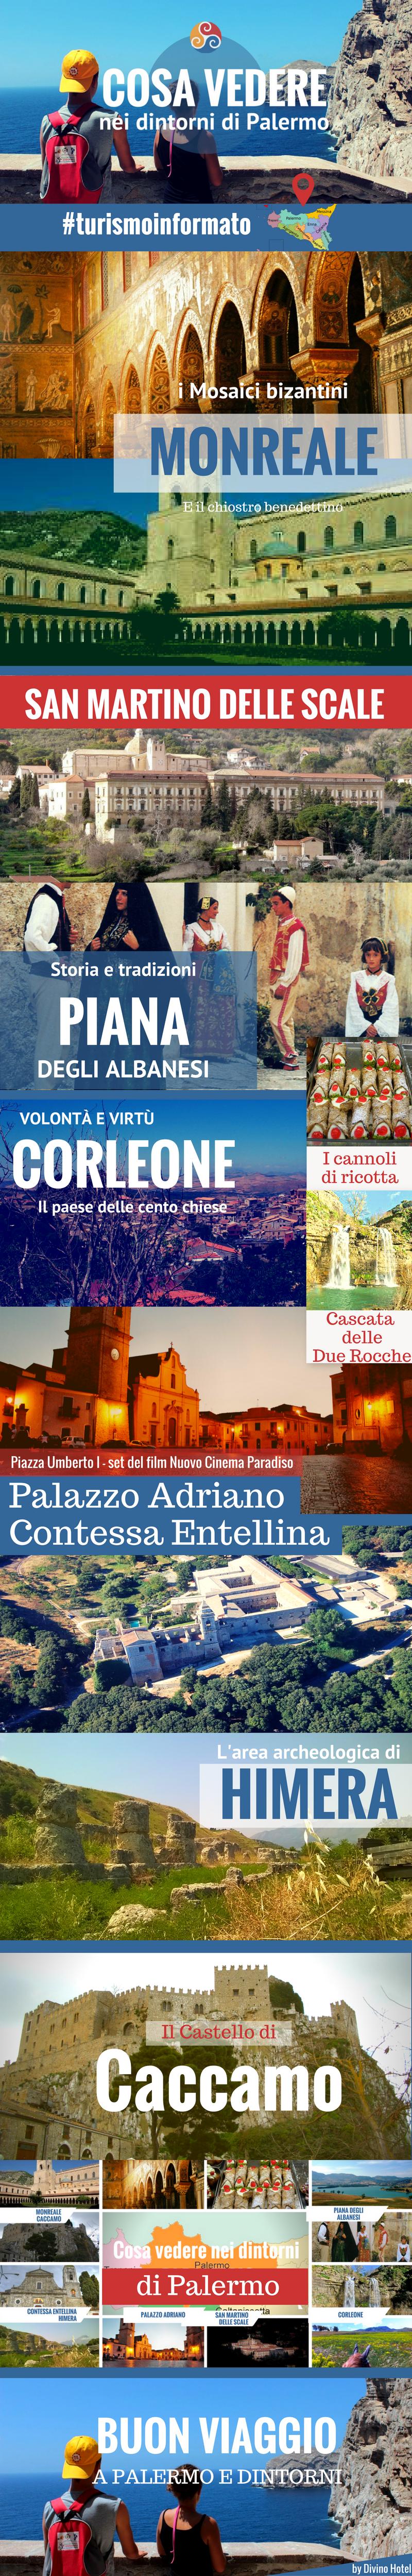 Questa Infografica è inserita in un articolo dal titolo Cose da vedere vicino Palermo - Infografica e mostra luoghi di interesse turistico nei dintorni di Palermo